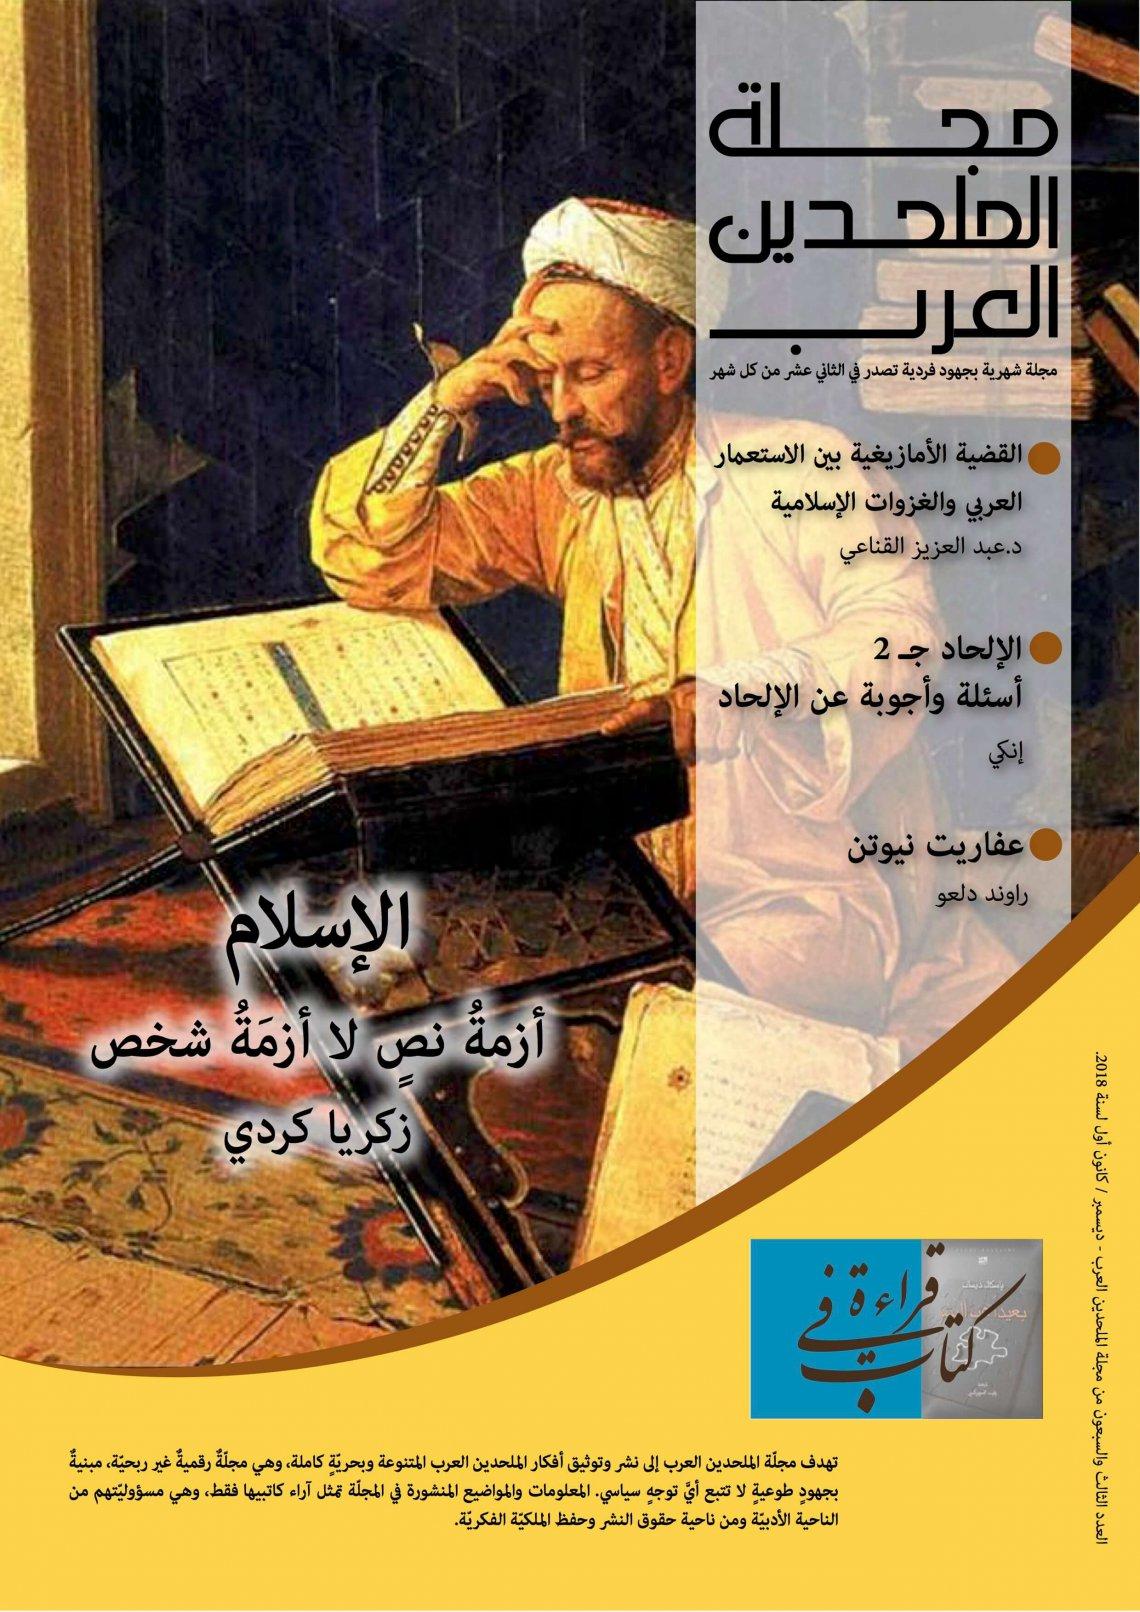 مجلة الملحدين العرب: العدد الثالث والسبعون / ديسمبر كانون أول / 2018